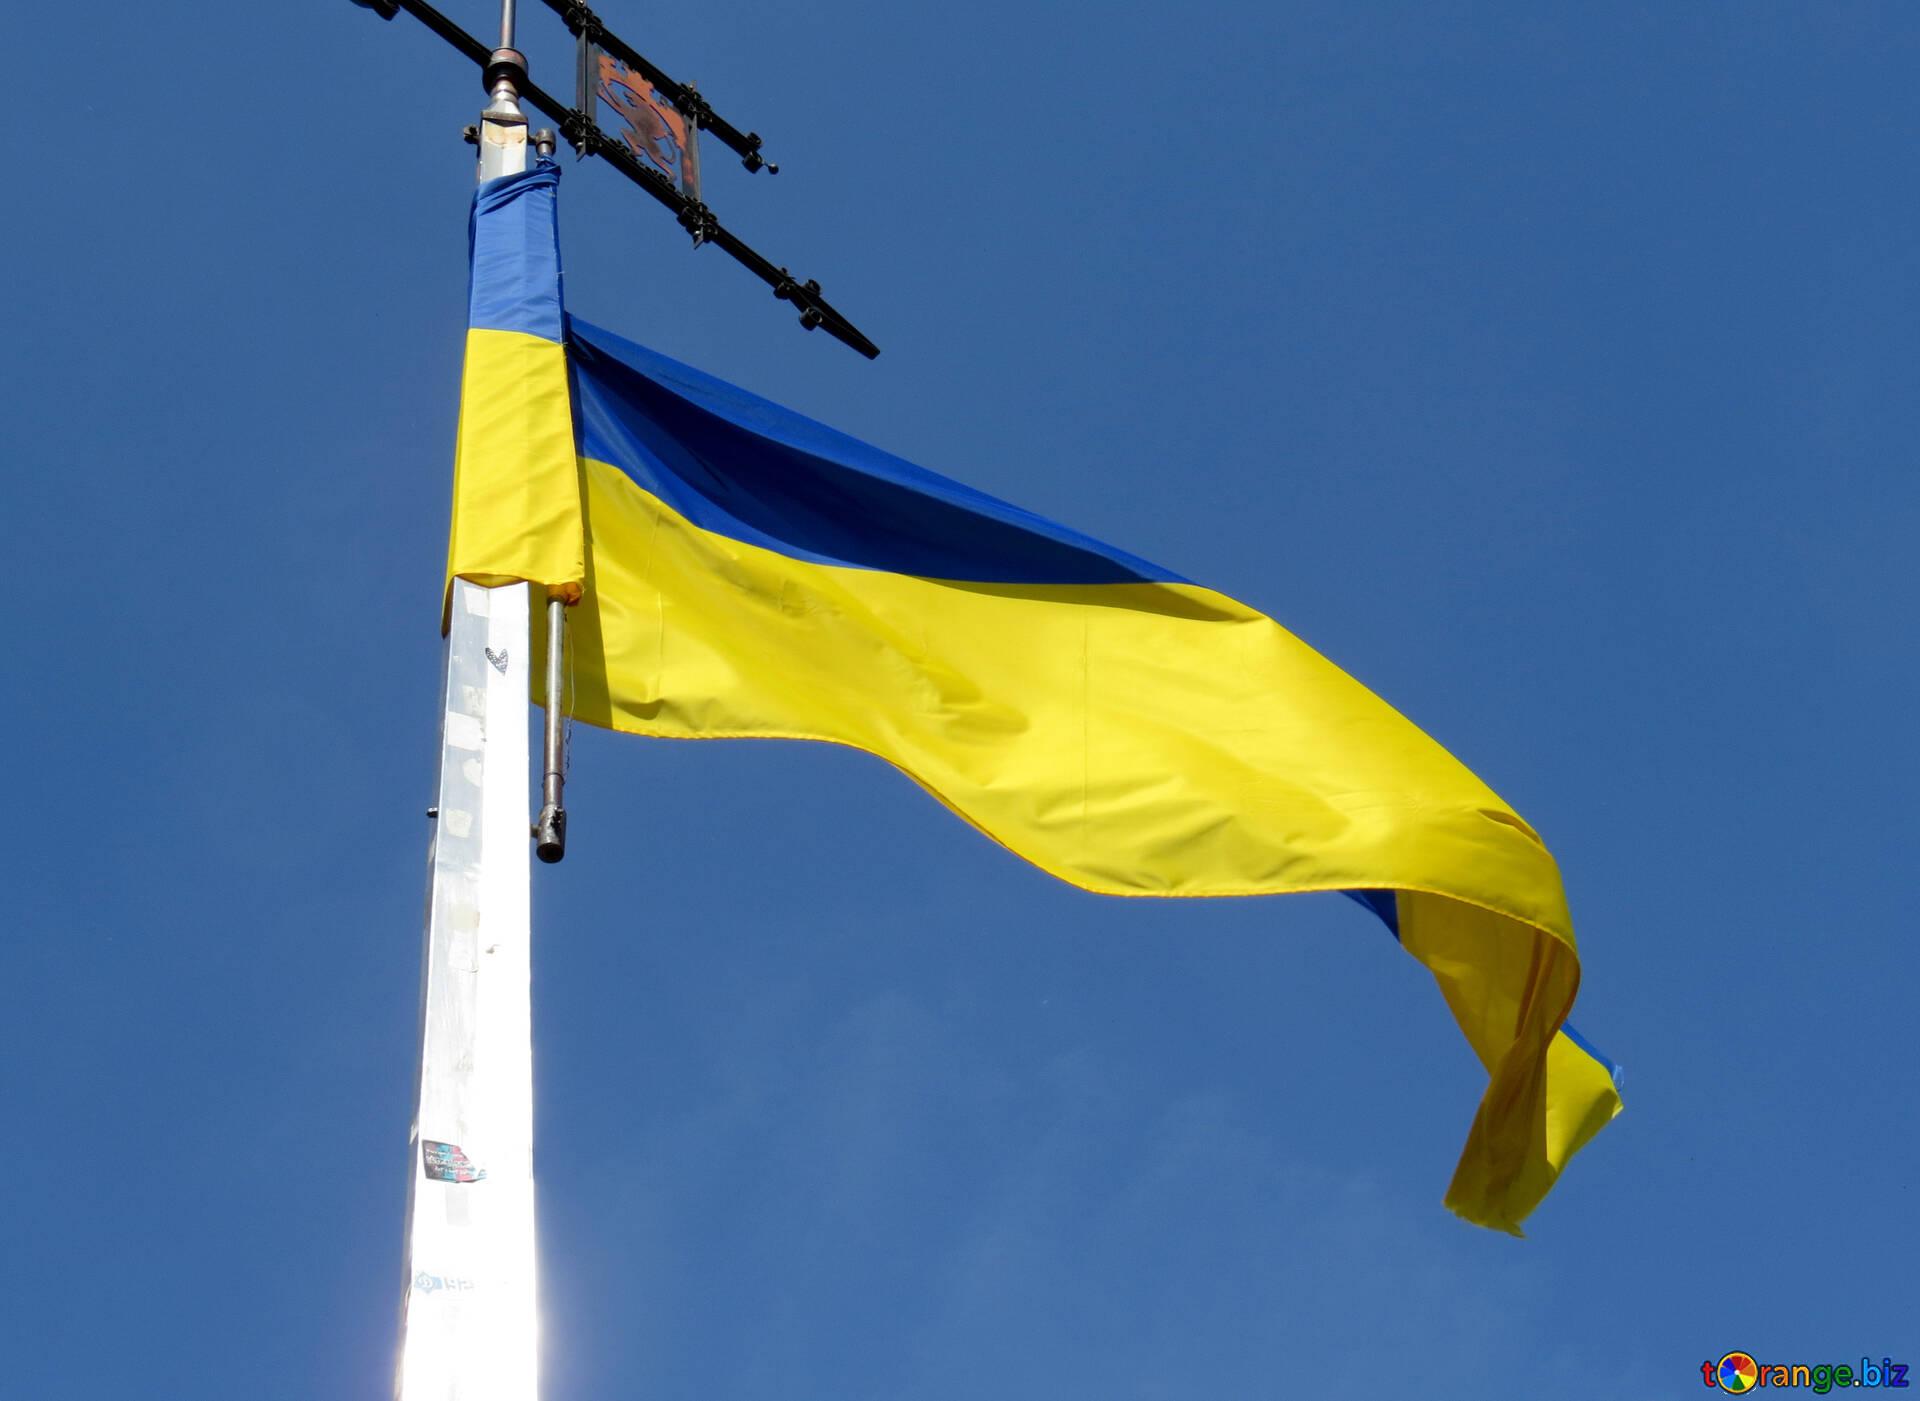 Banderas De Ucrania Imagen Bandera Amarilla Y Azul Imagens Pano 52079 Torange Biz